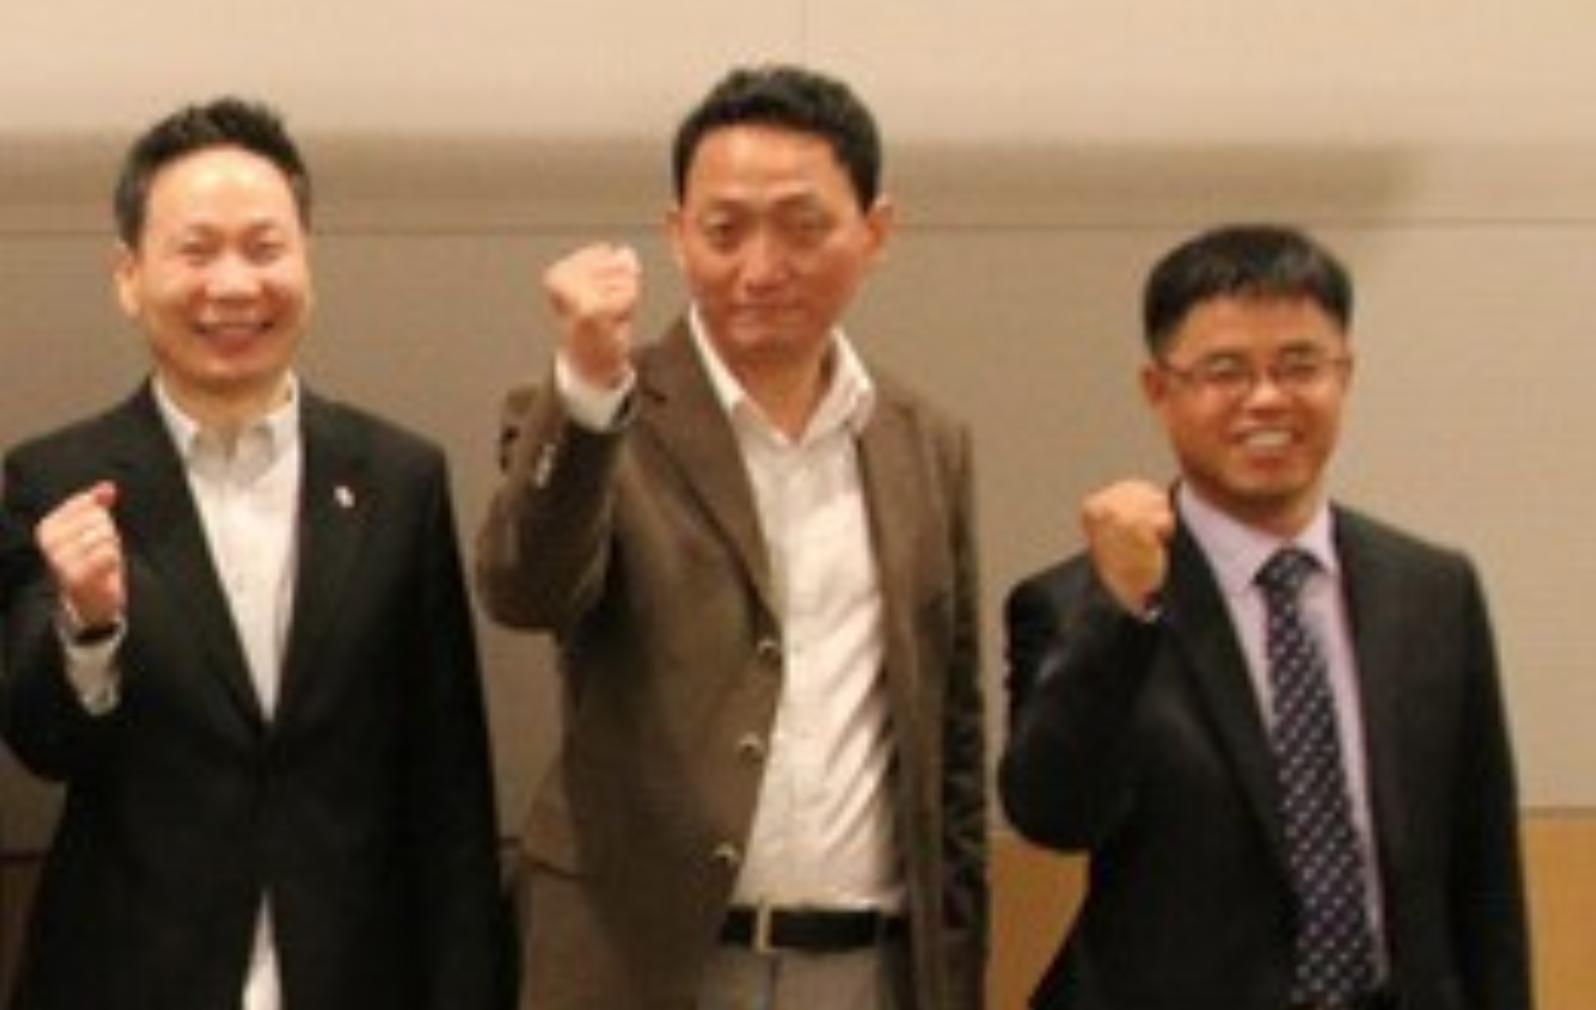 Nam Hàn bổ nhiệm cựu giám đốc Samsung làm đại sứ tại Việt Nam